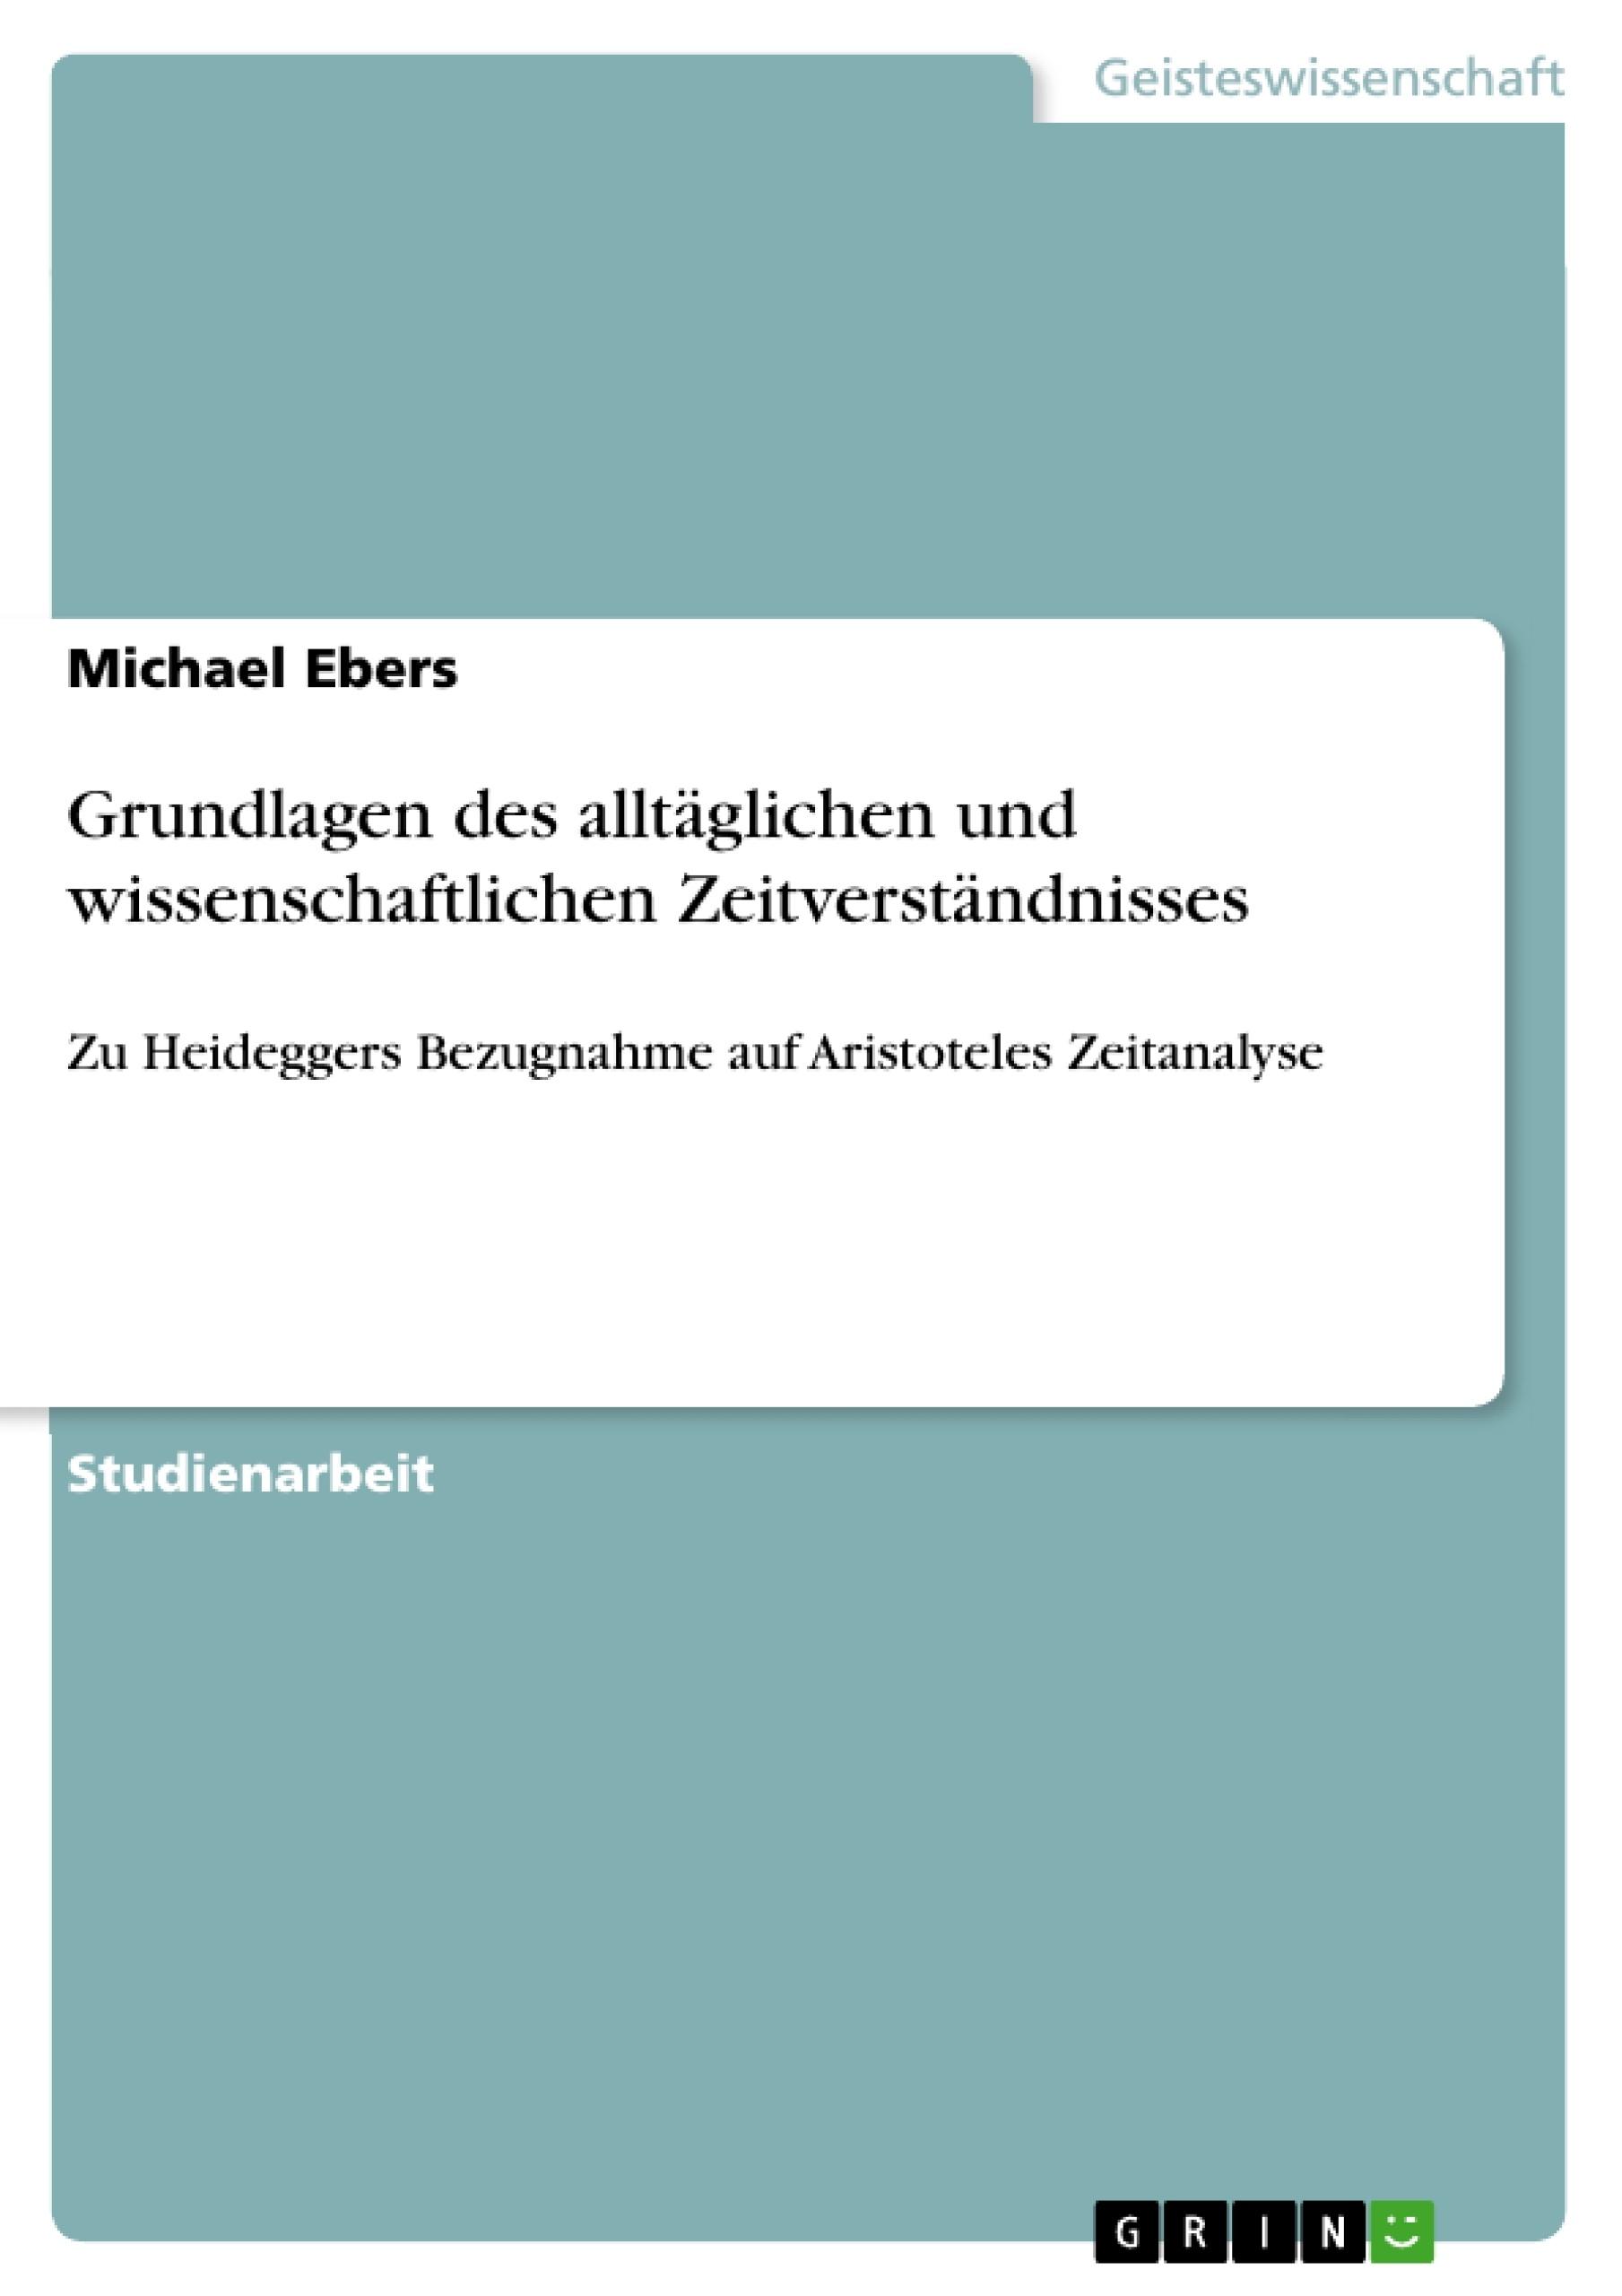 Titel: Grundlagen des alltäglichen und wissenschaftlichen Zeitverständnisses